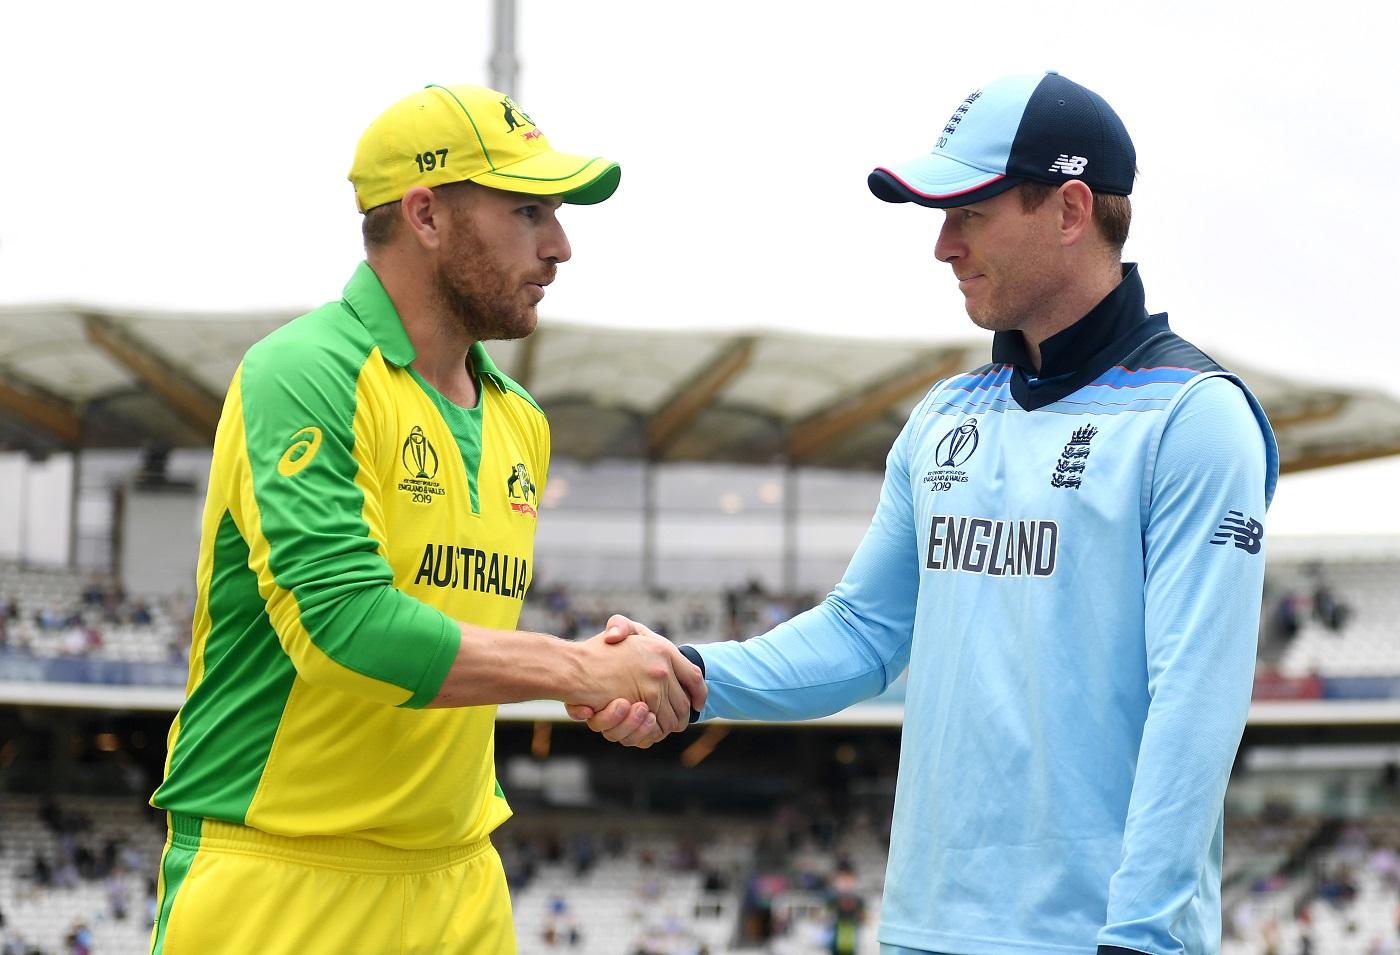 CWC 2019: ऑस्ट्रेलिया और इंग्लैंड सेमीफाइनल मैच हुआ रद्द, तो यह टीम खेलेगी फाइनल मुकाबला 5